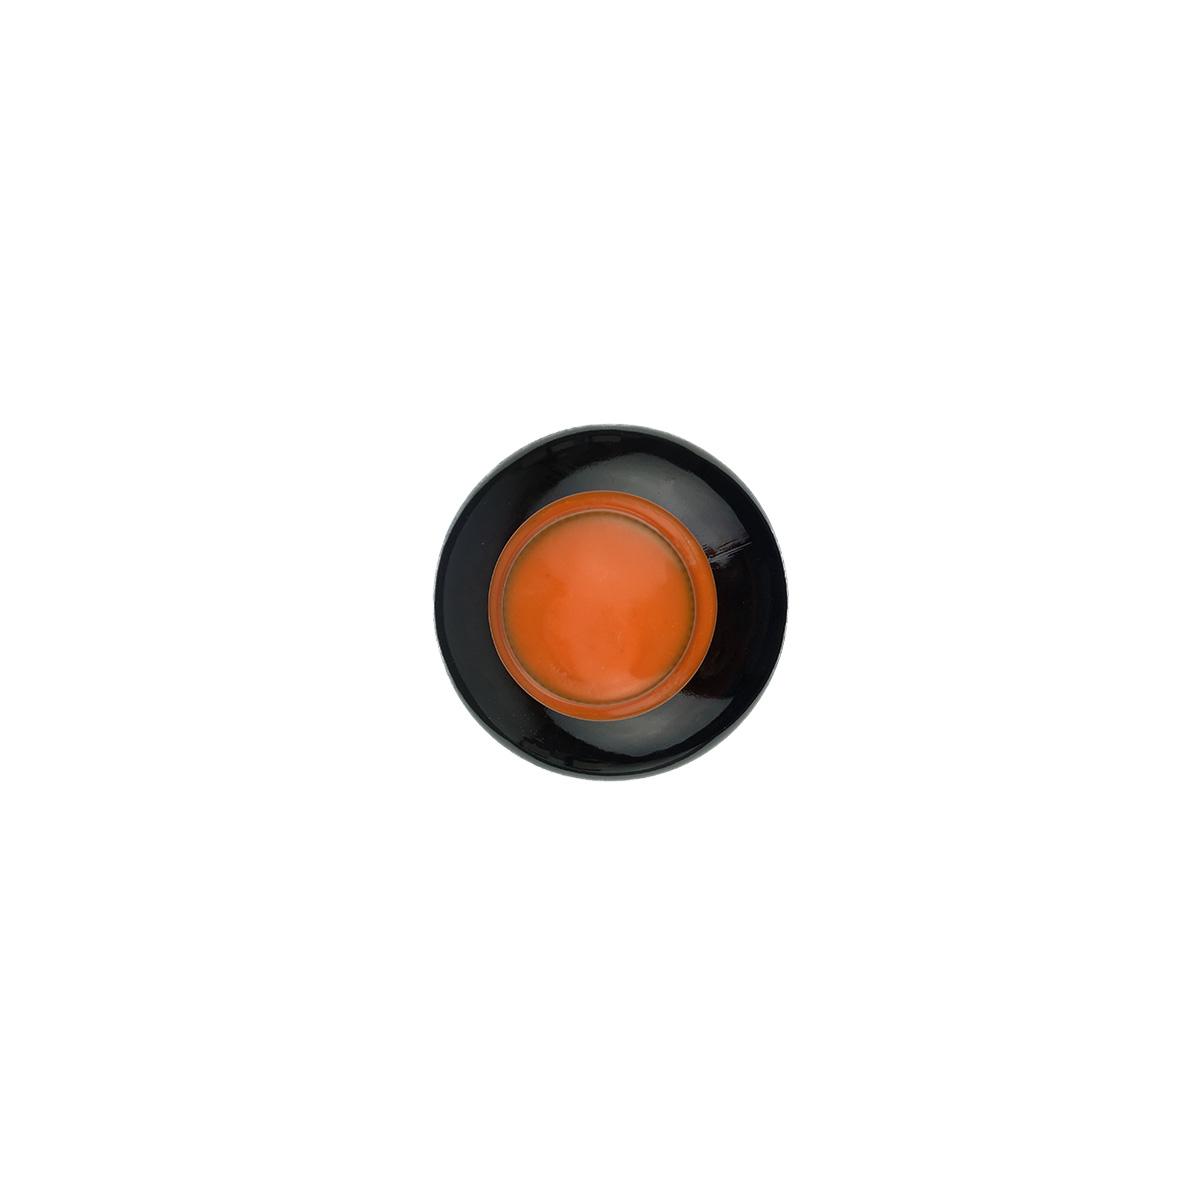 Orangenlikör #001